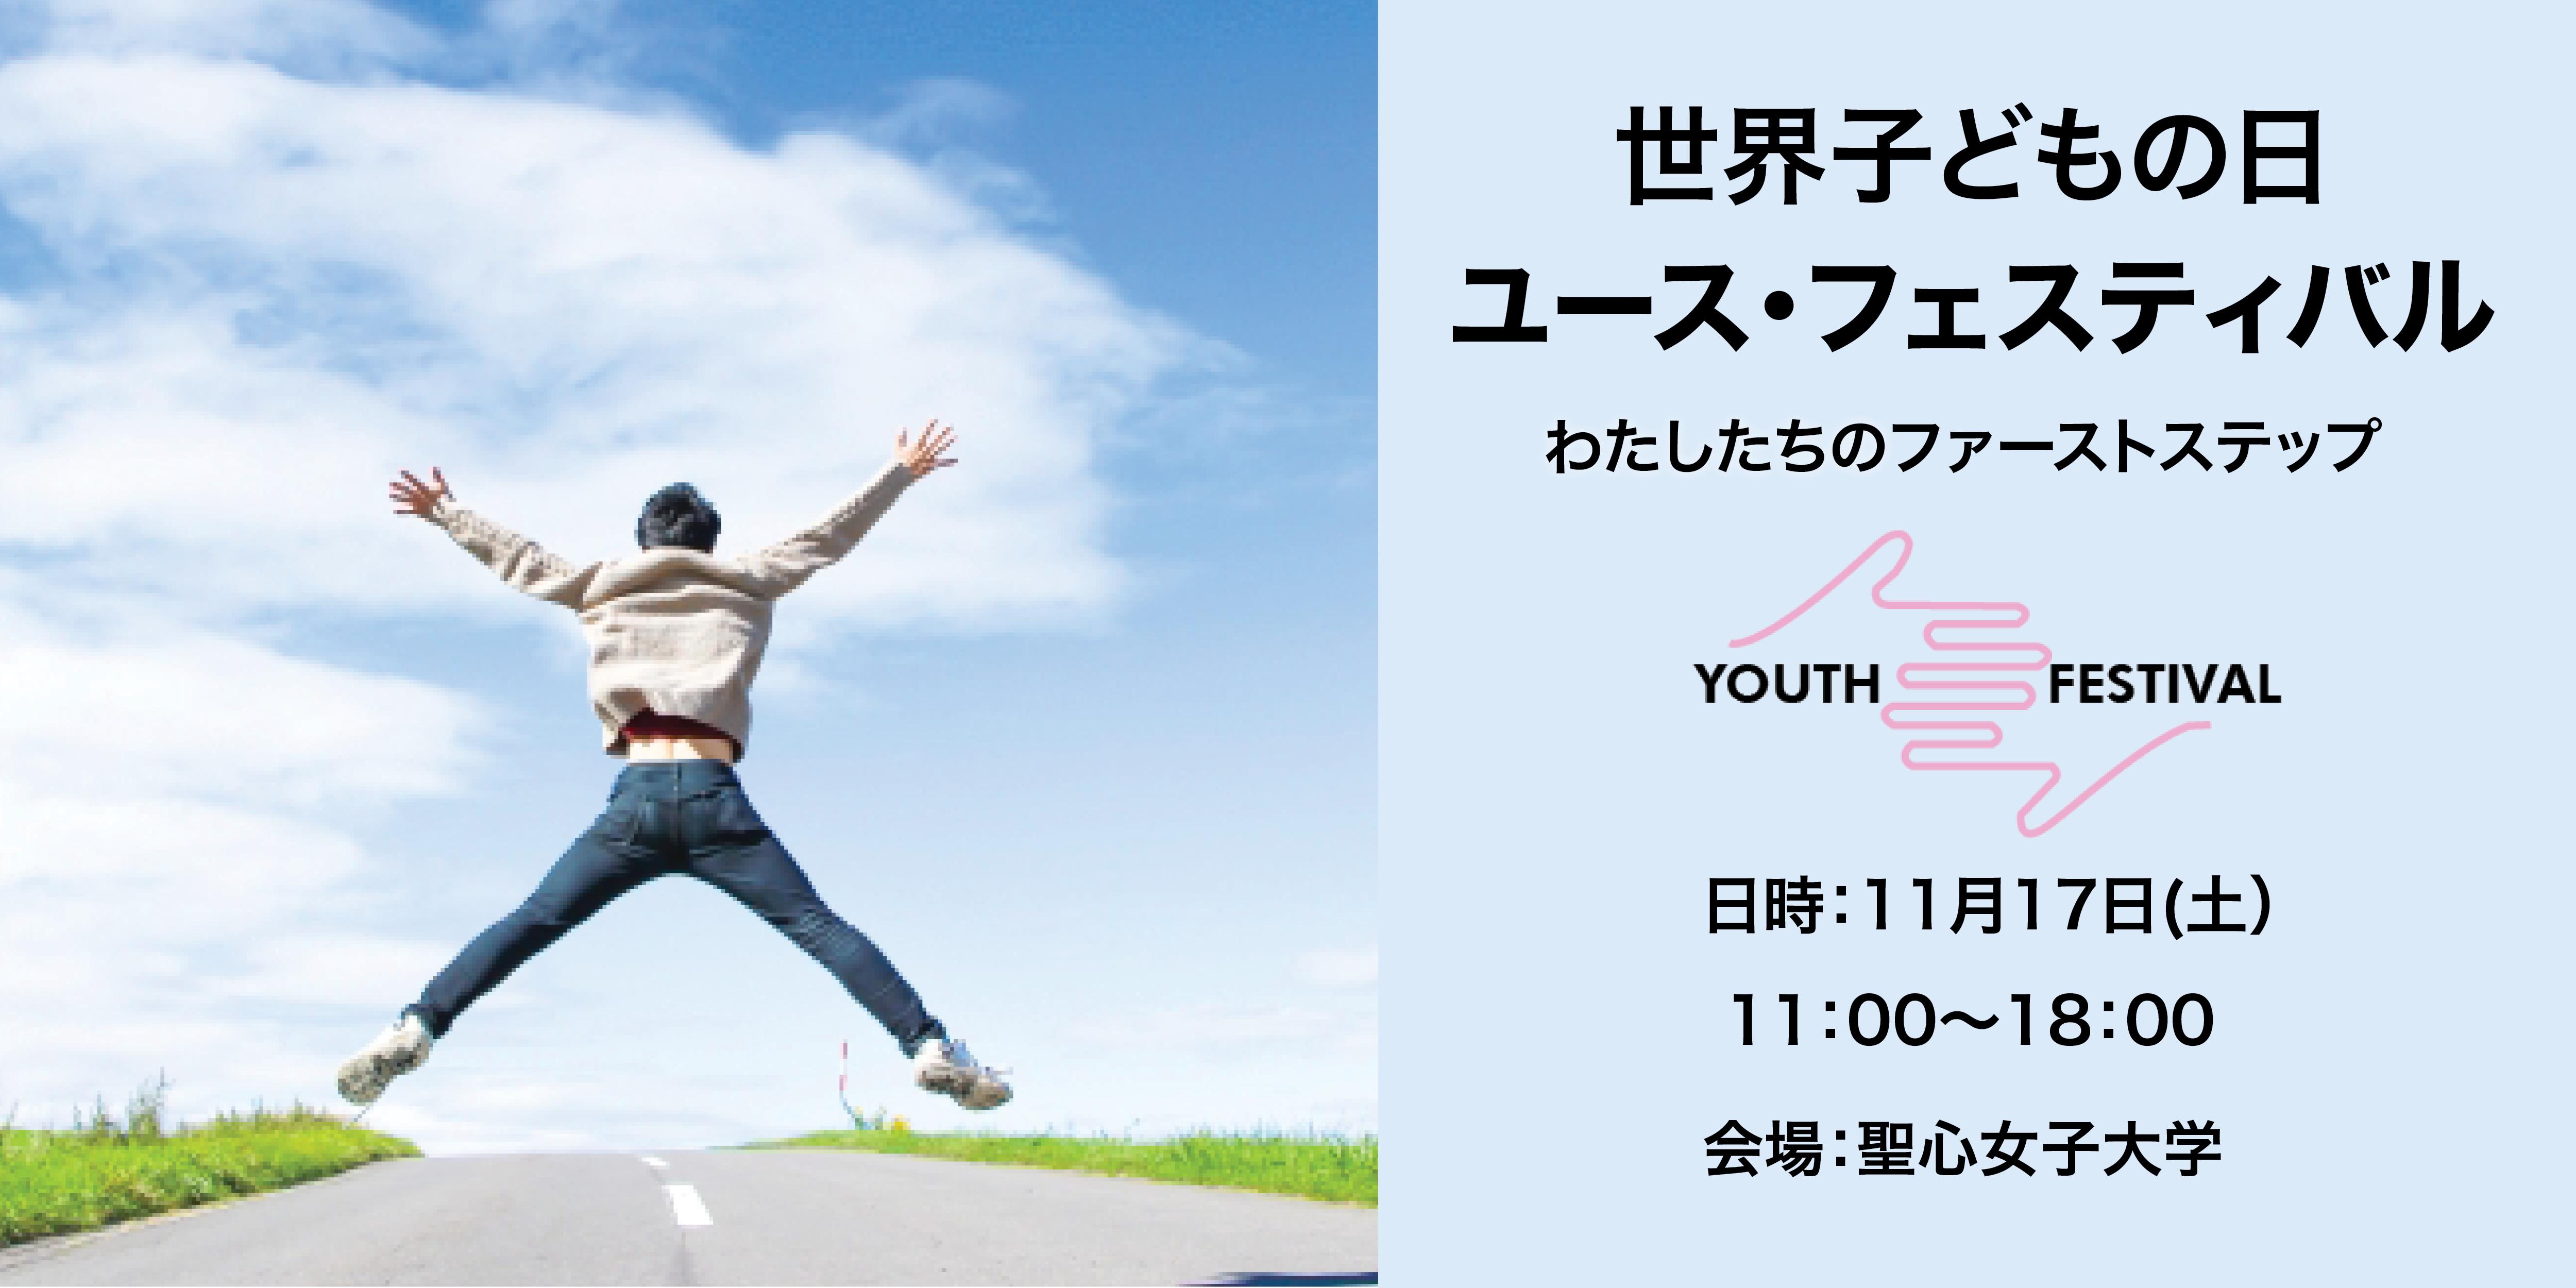 【イベント】世界子どもの日 ユース・フェスティバル